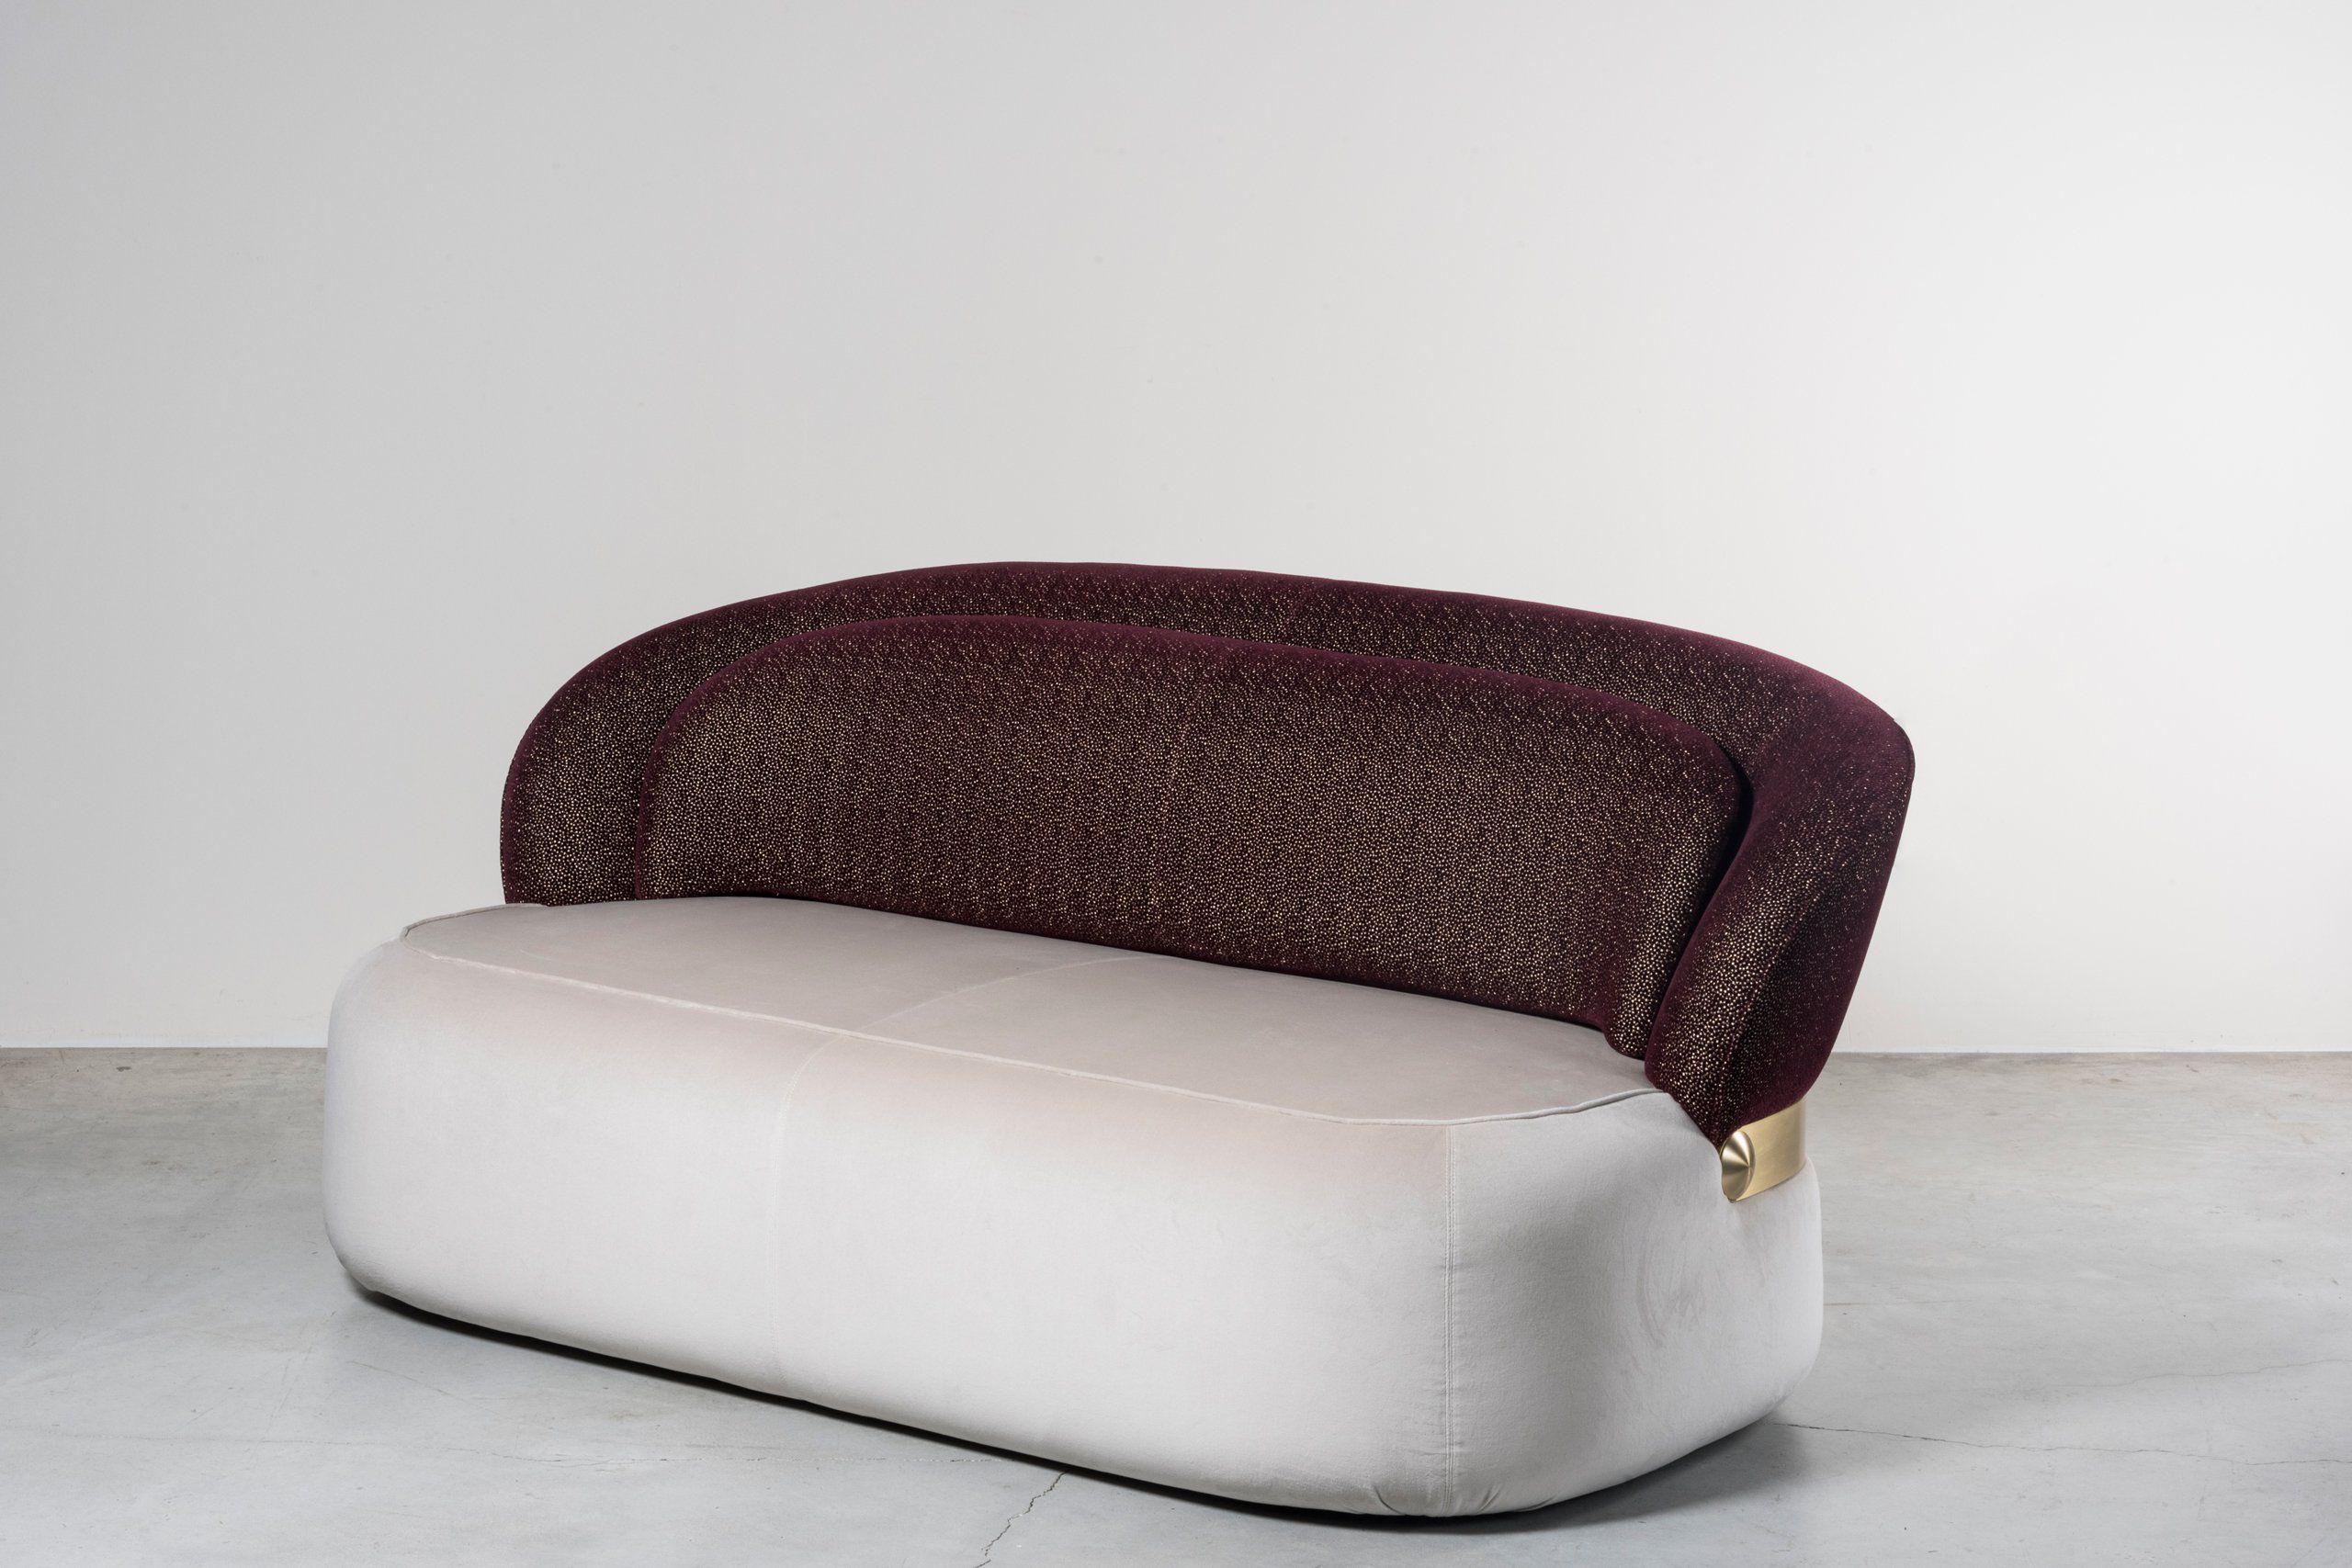 sofa modernos 2017 dfs sofas grey best of milan design week yatzer deco pinterest